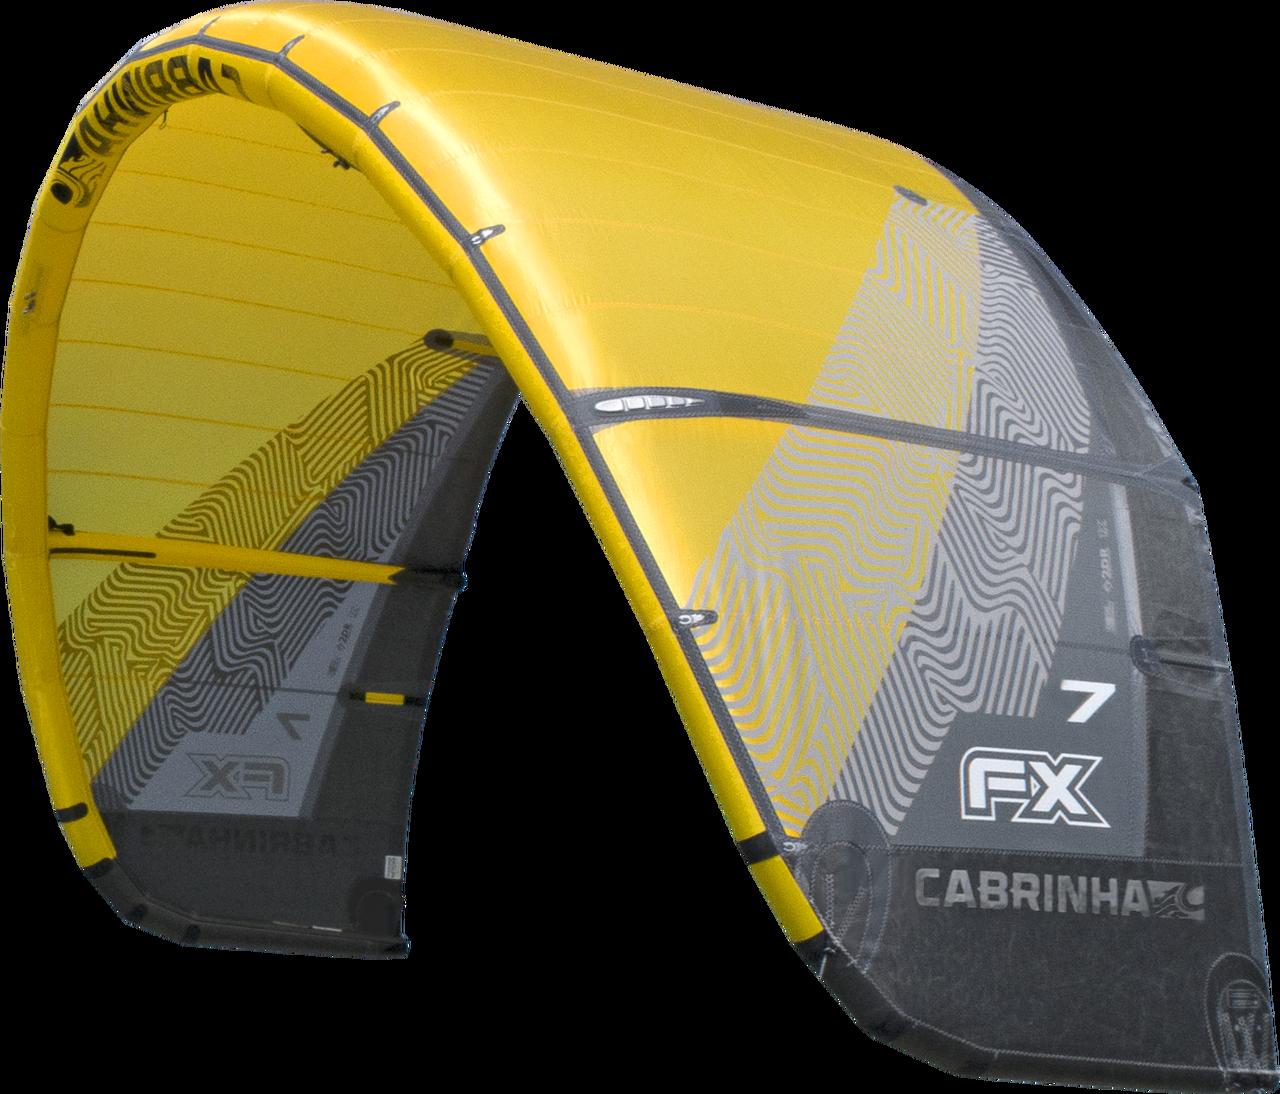 2018 Cabrinha FX Kiteboarding Kite